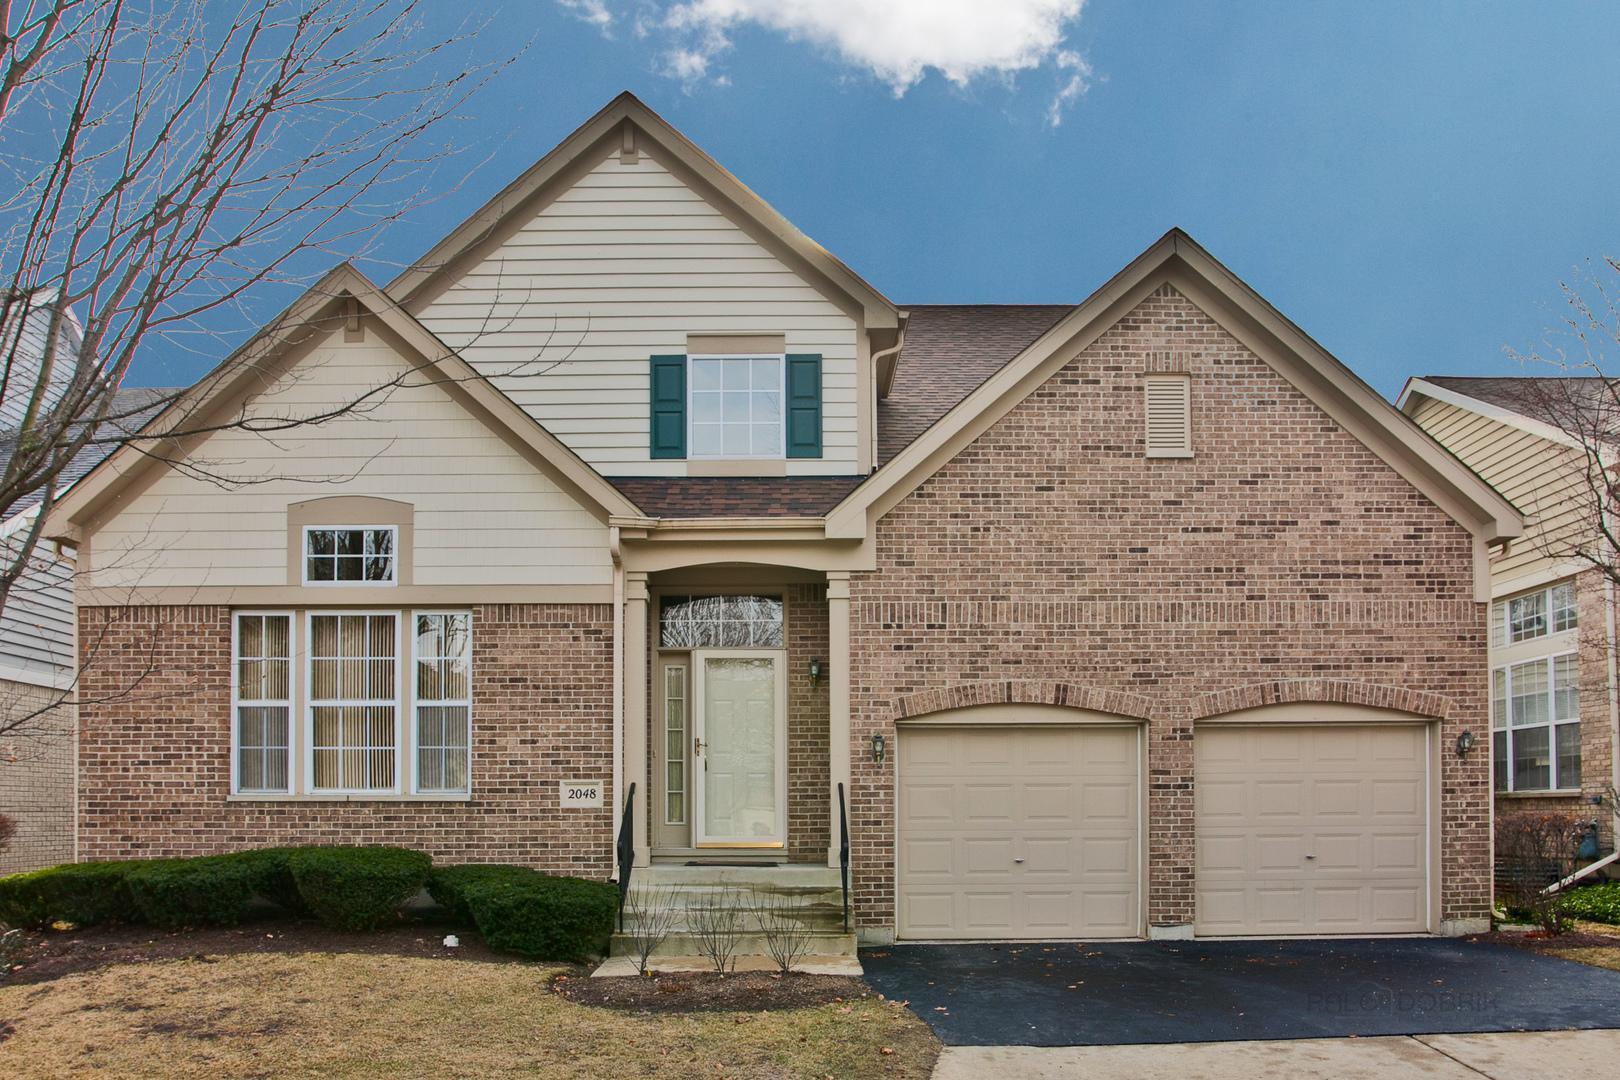 2048 North Trevino Terrace, Vernon Hills, IL - $3,600 USD/ month